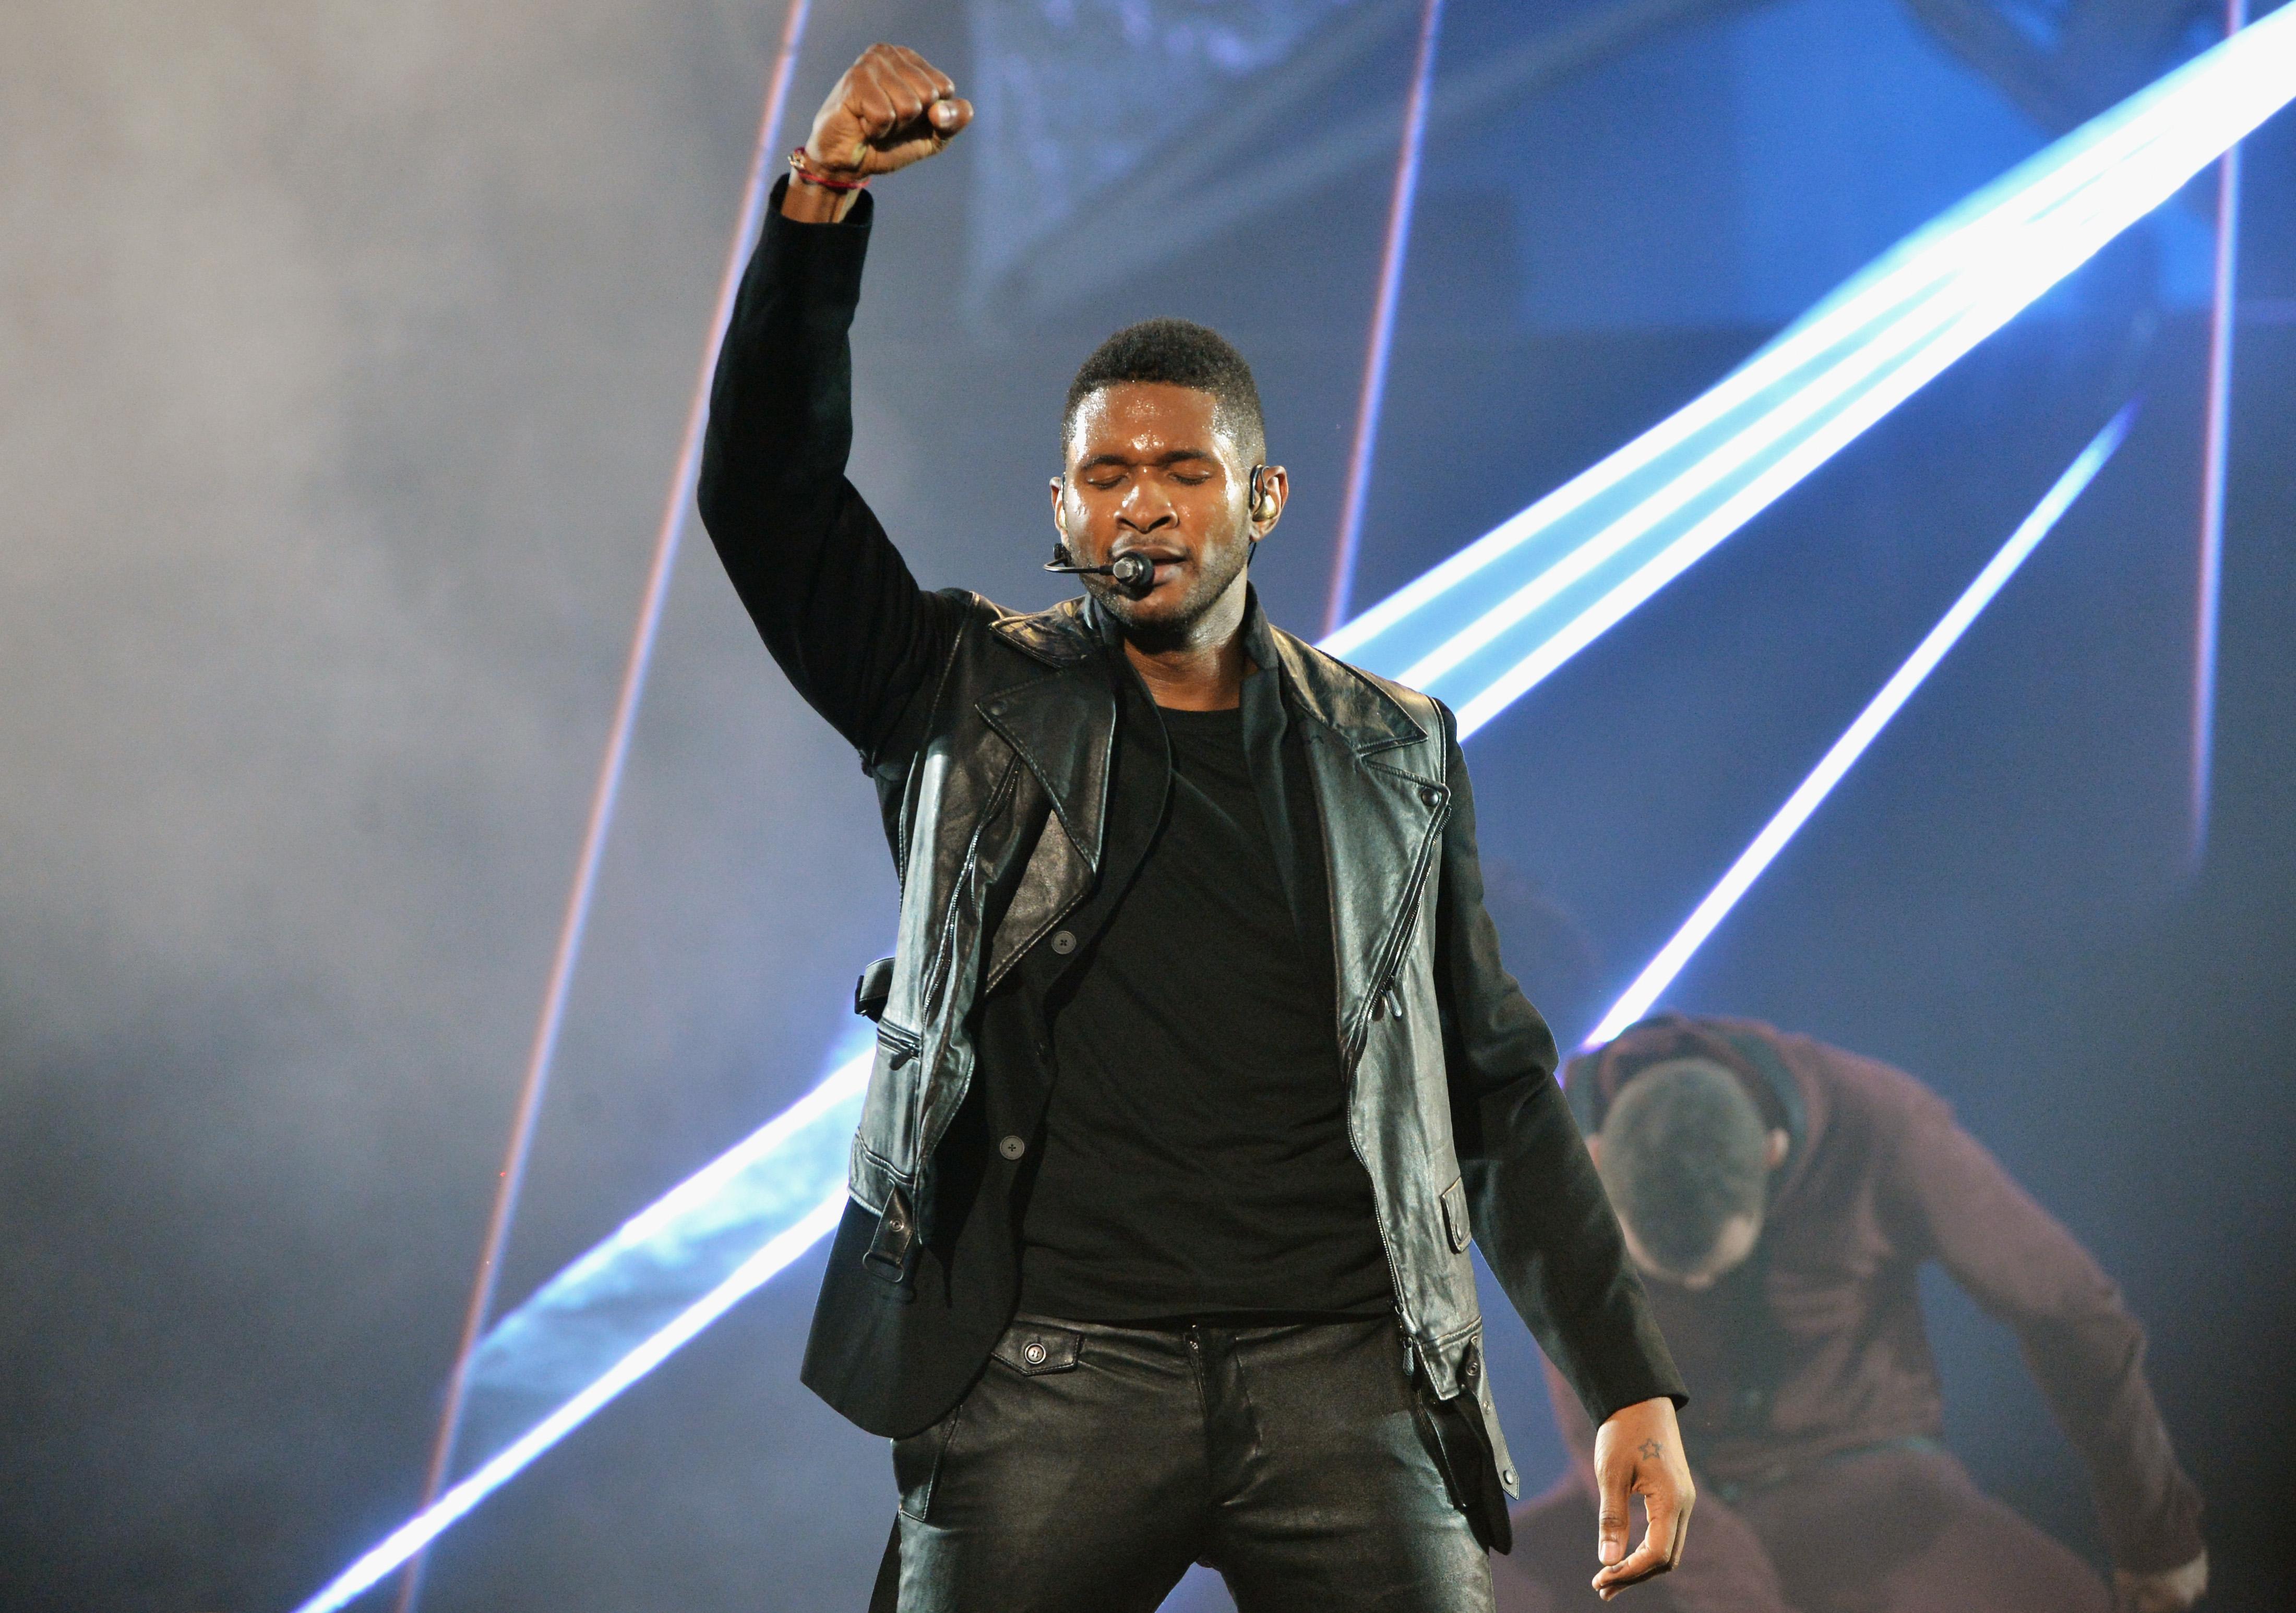 Usher sang at the American Music Awards.